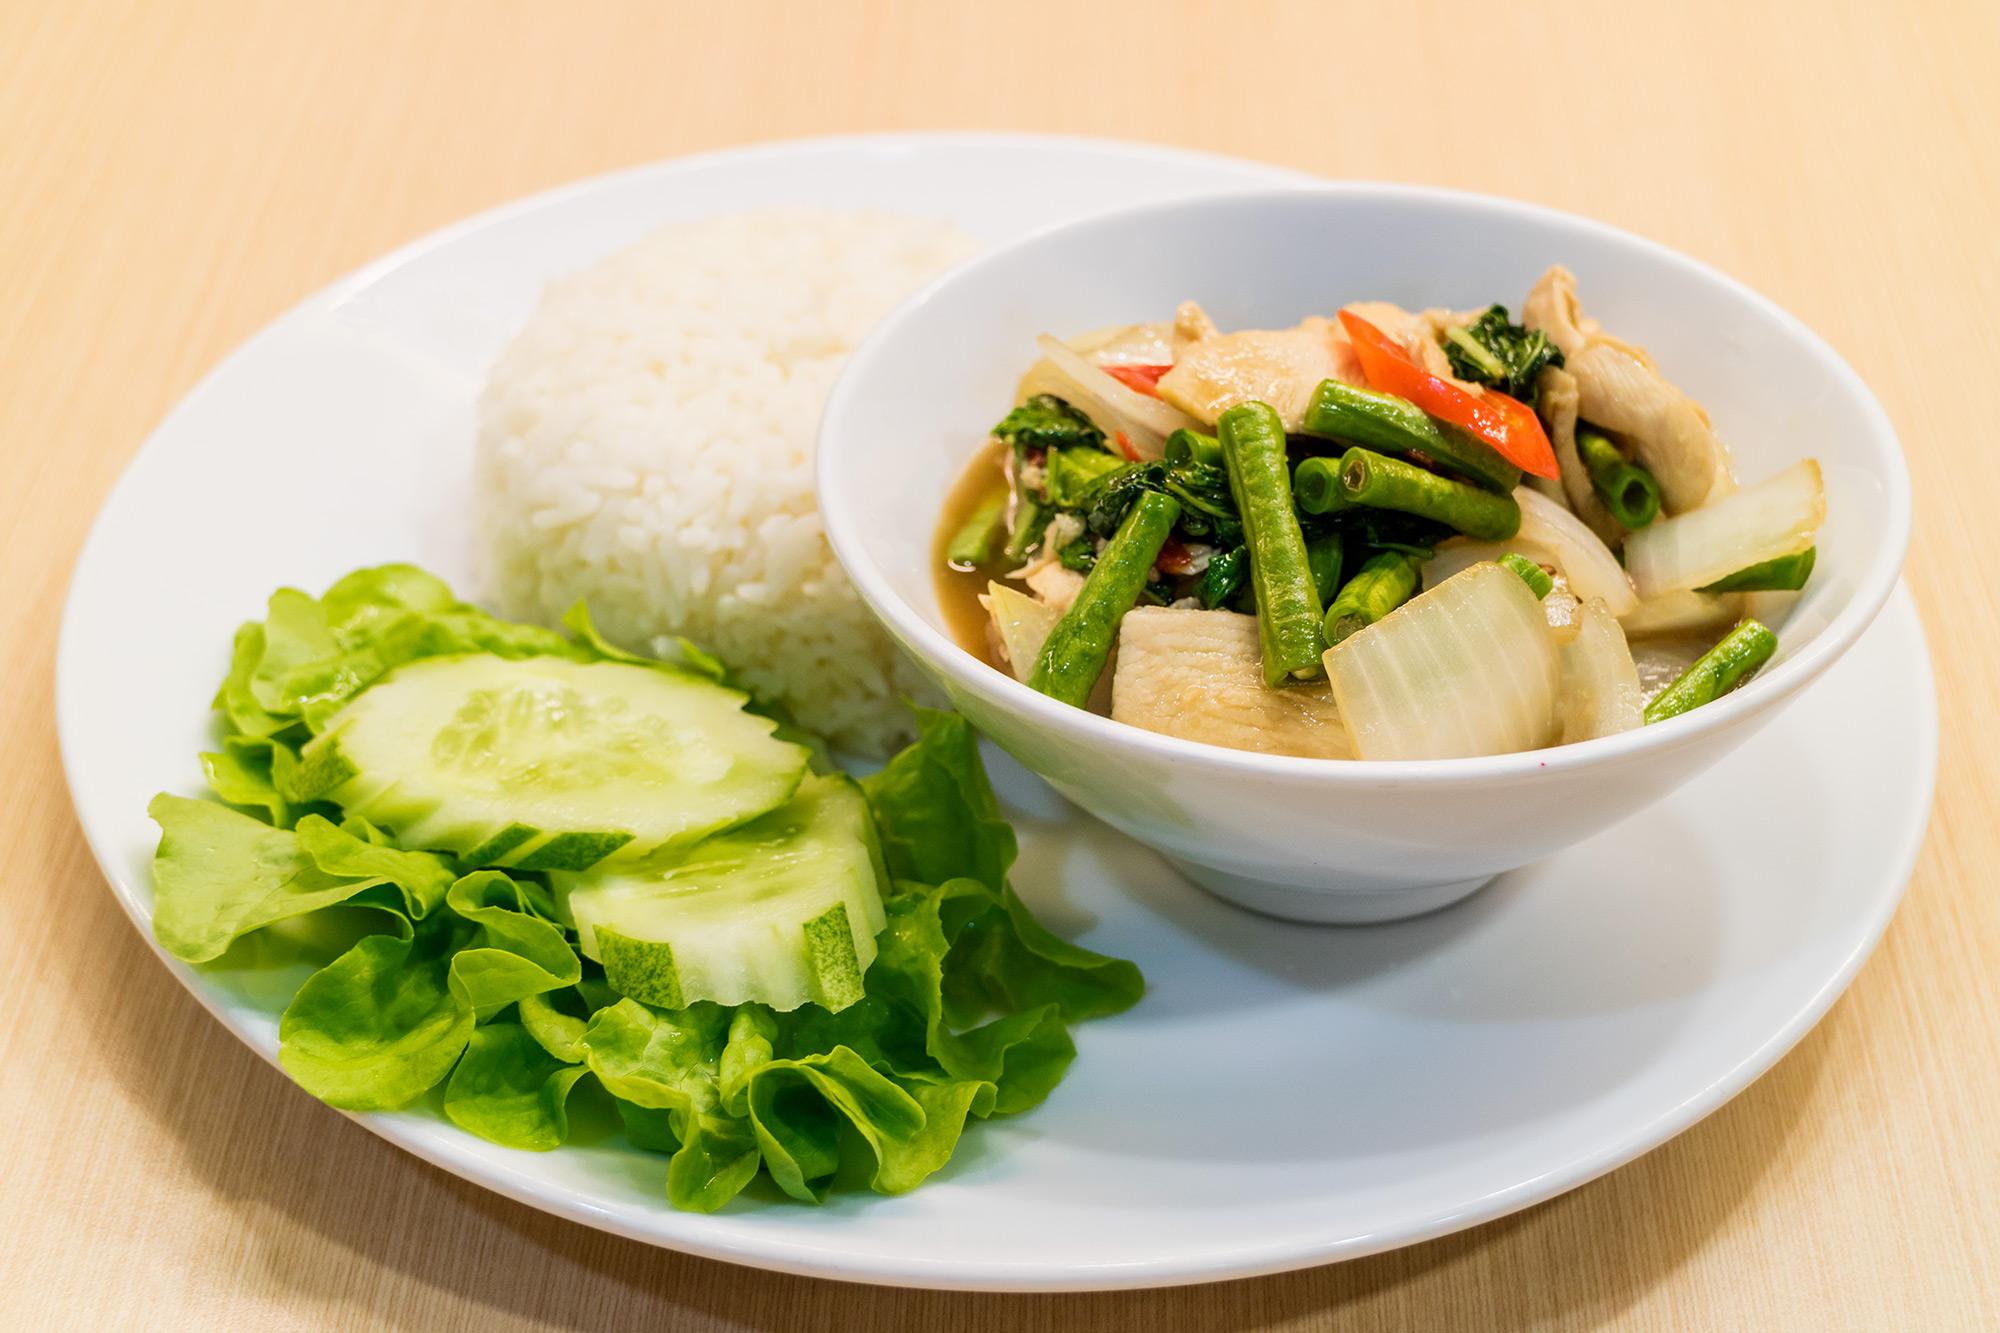 ไก่ผัดกระเพราสามสหาย  Thai Chef Express ท่าอากาศยานสุวรรณภูมิ IMG 1496